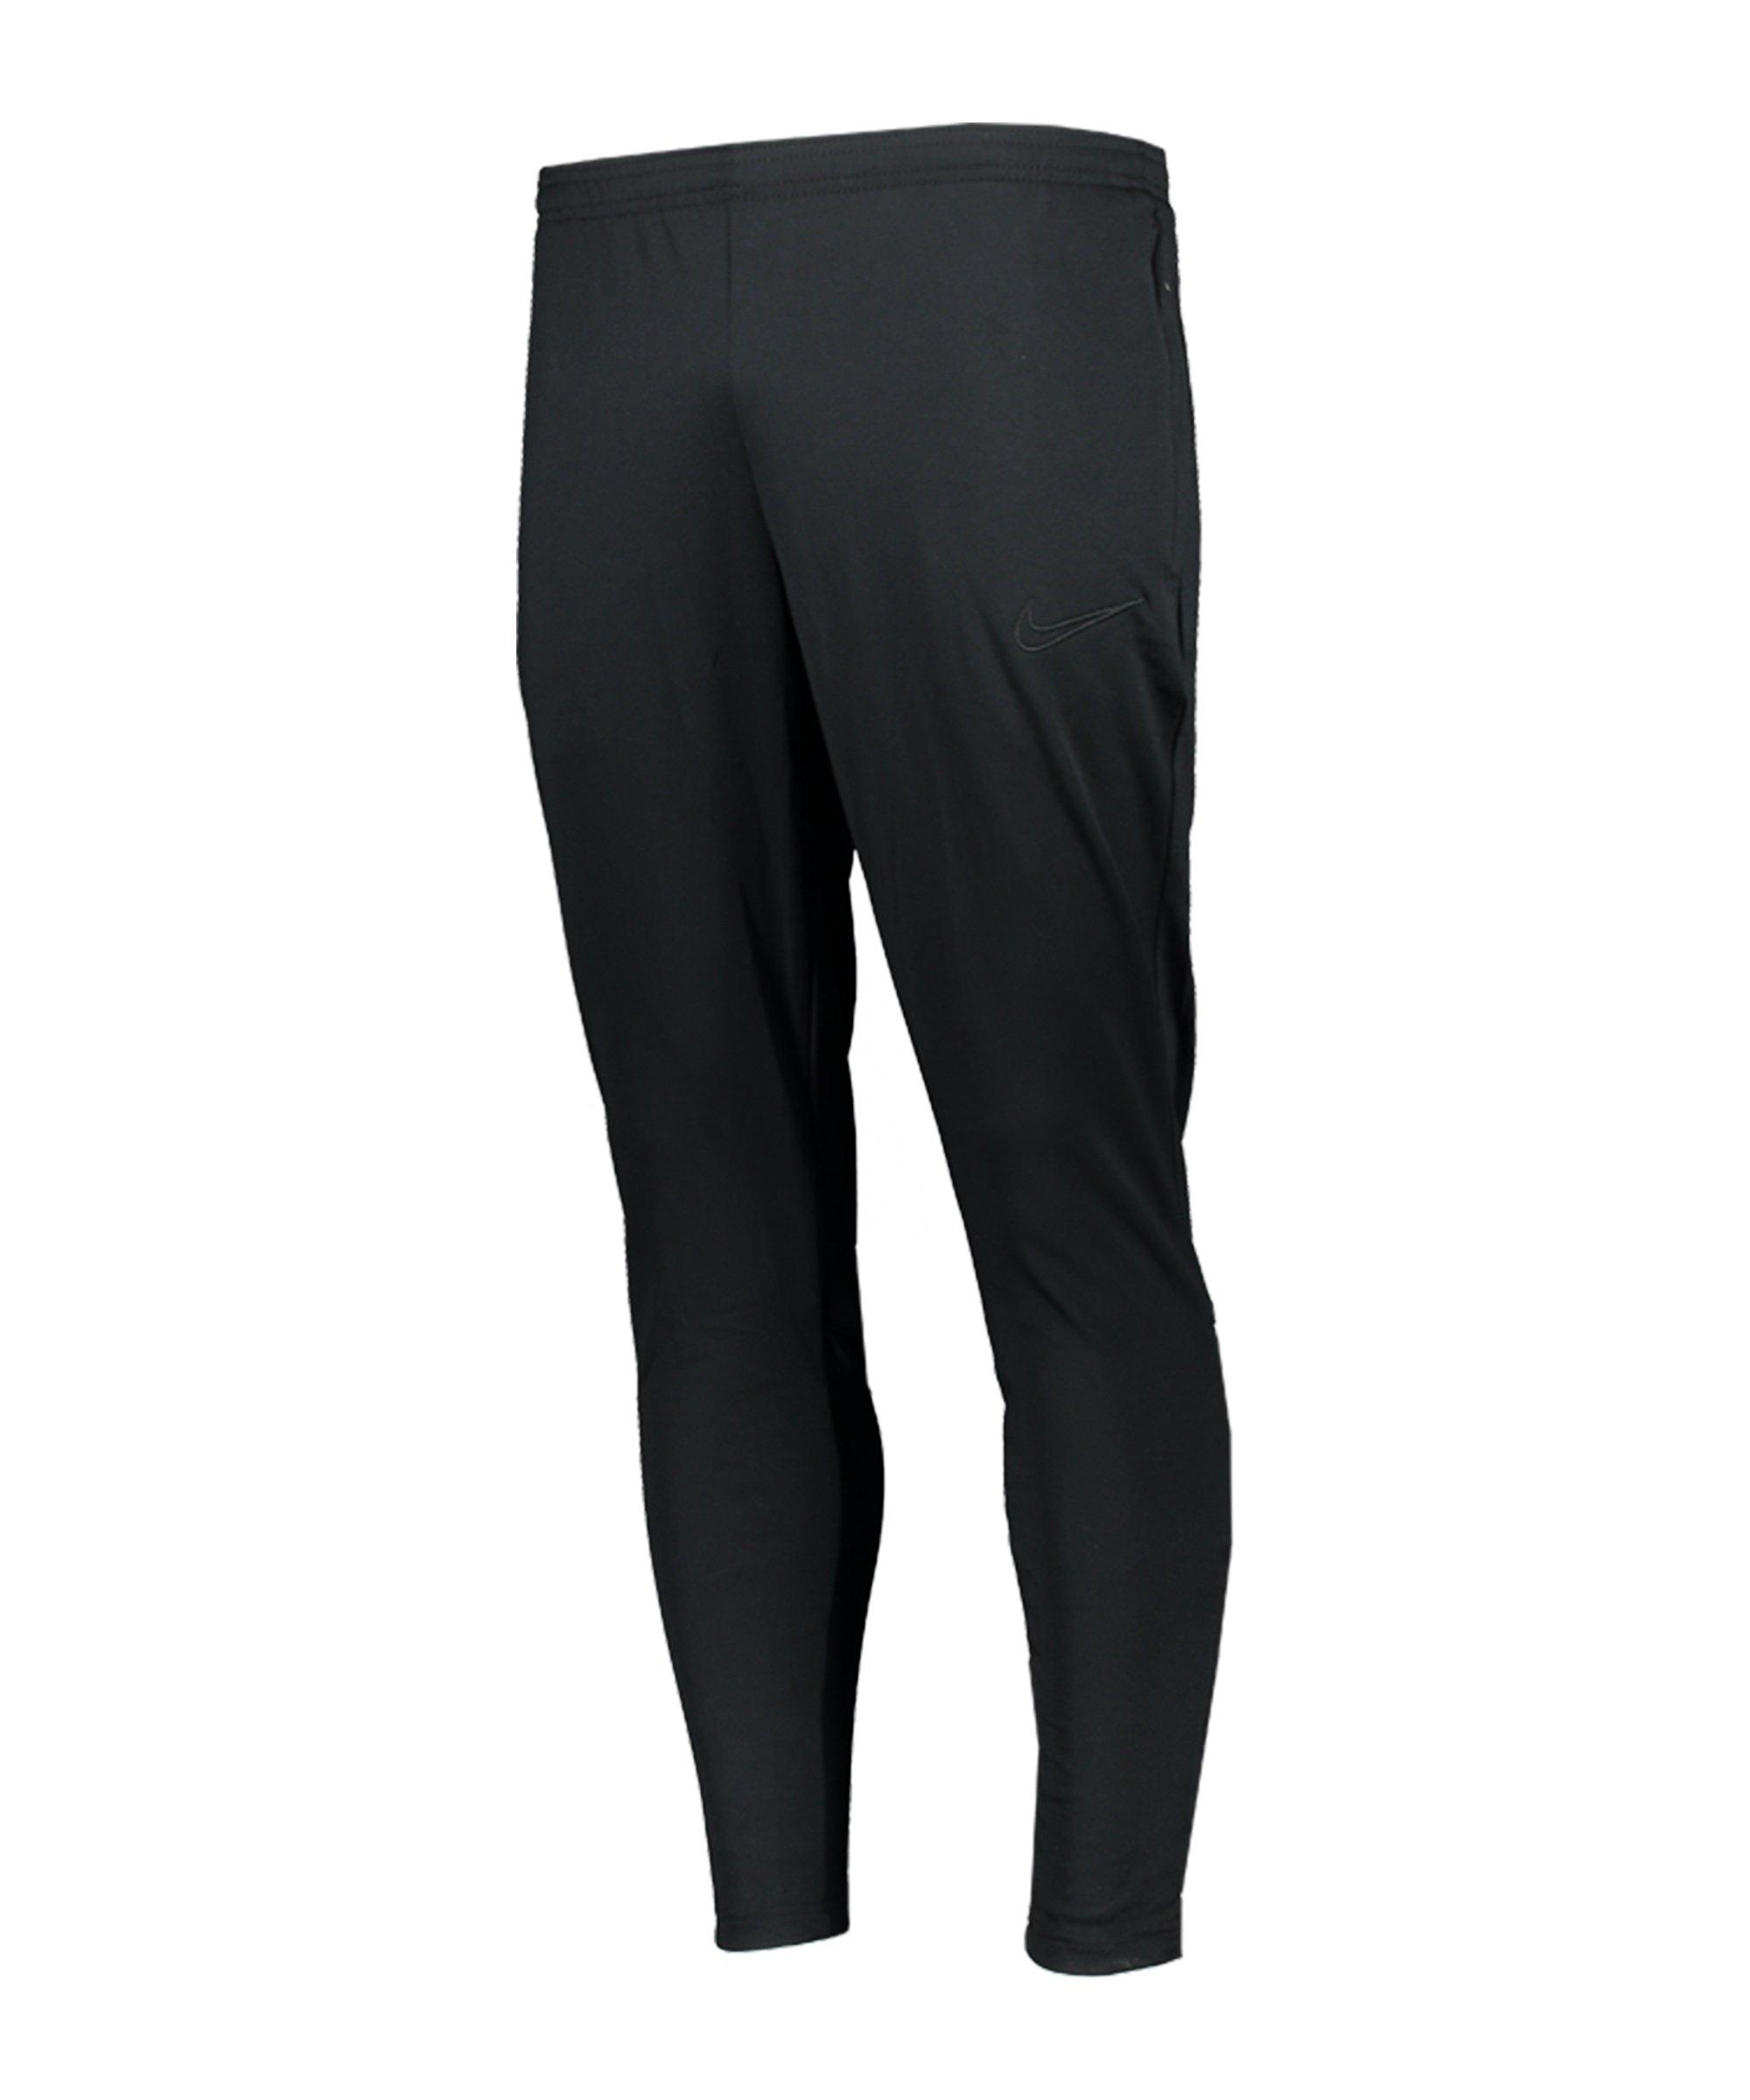 Nike Academy 21 Trainingshose Schwarz F011 - schwarz